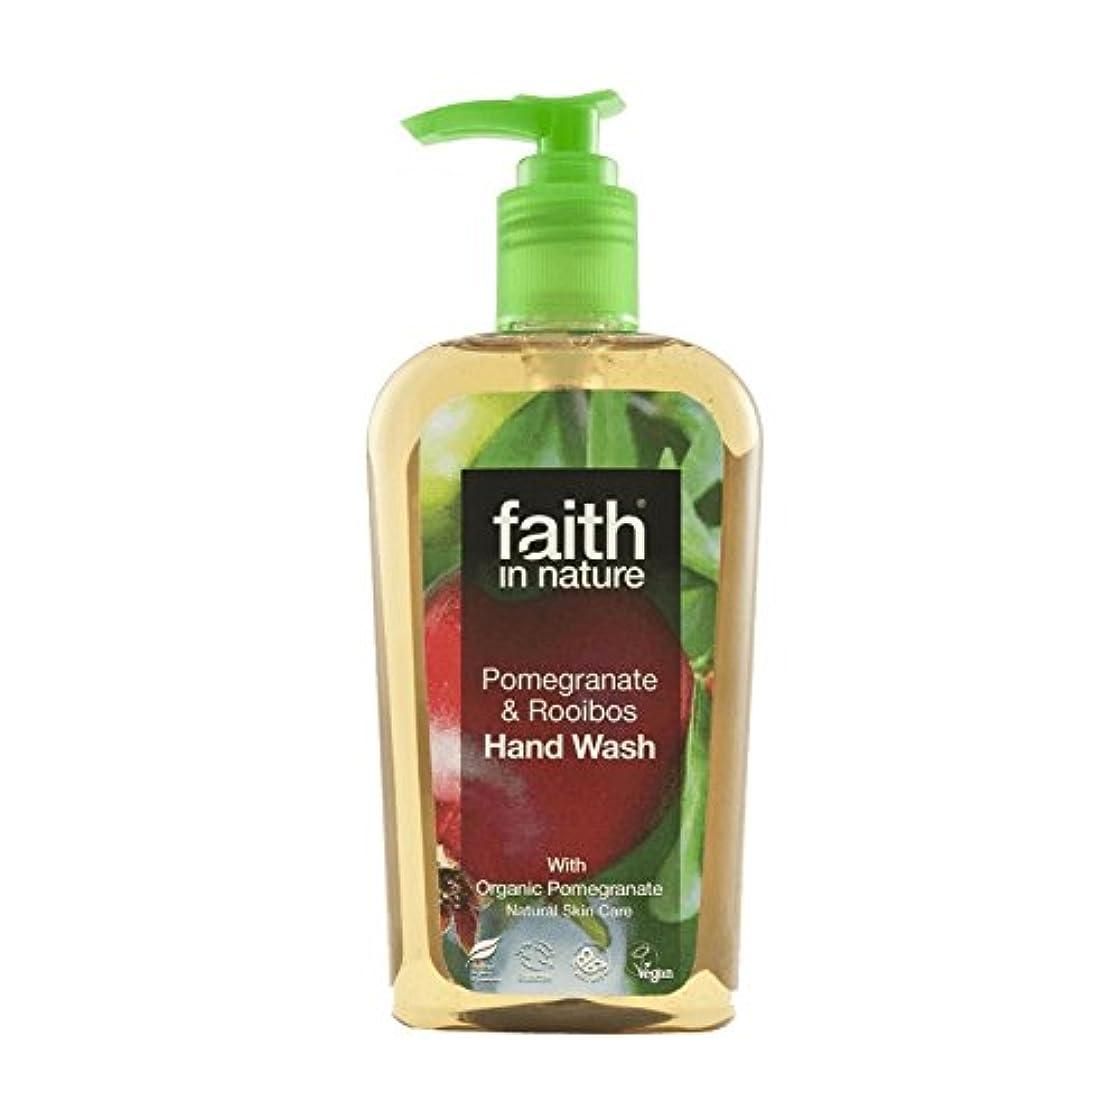 ぬいぐるみ泳ぐリクルート自然ザクロ&ルイボス手洗いの300ミリリットルの信仰 - Faith In Nature Pomegranate & Rooibos Handwash 300ml (Faith in Nature) [並行輸入品]